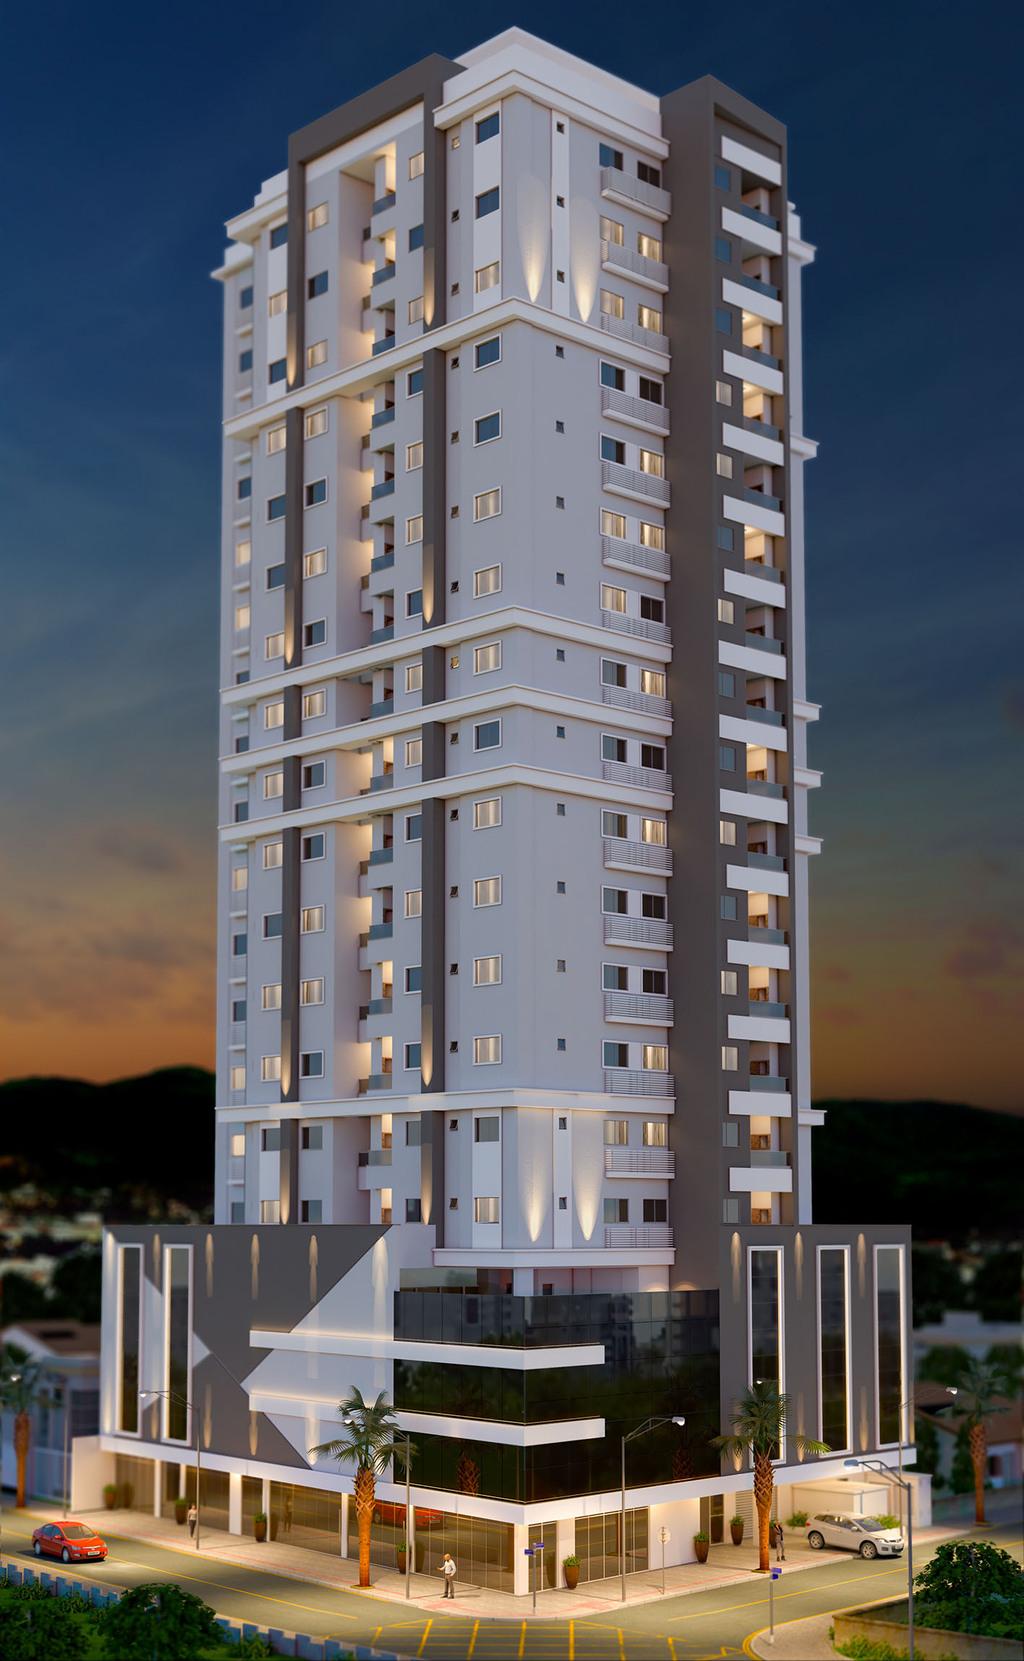 APARTAMENTO com 2 dormitórios à venda por R$ 520.000,00 - ITAPEMA / SC